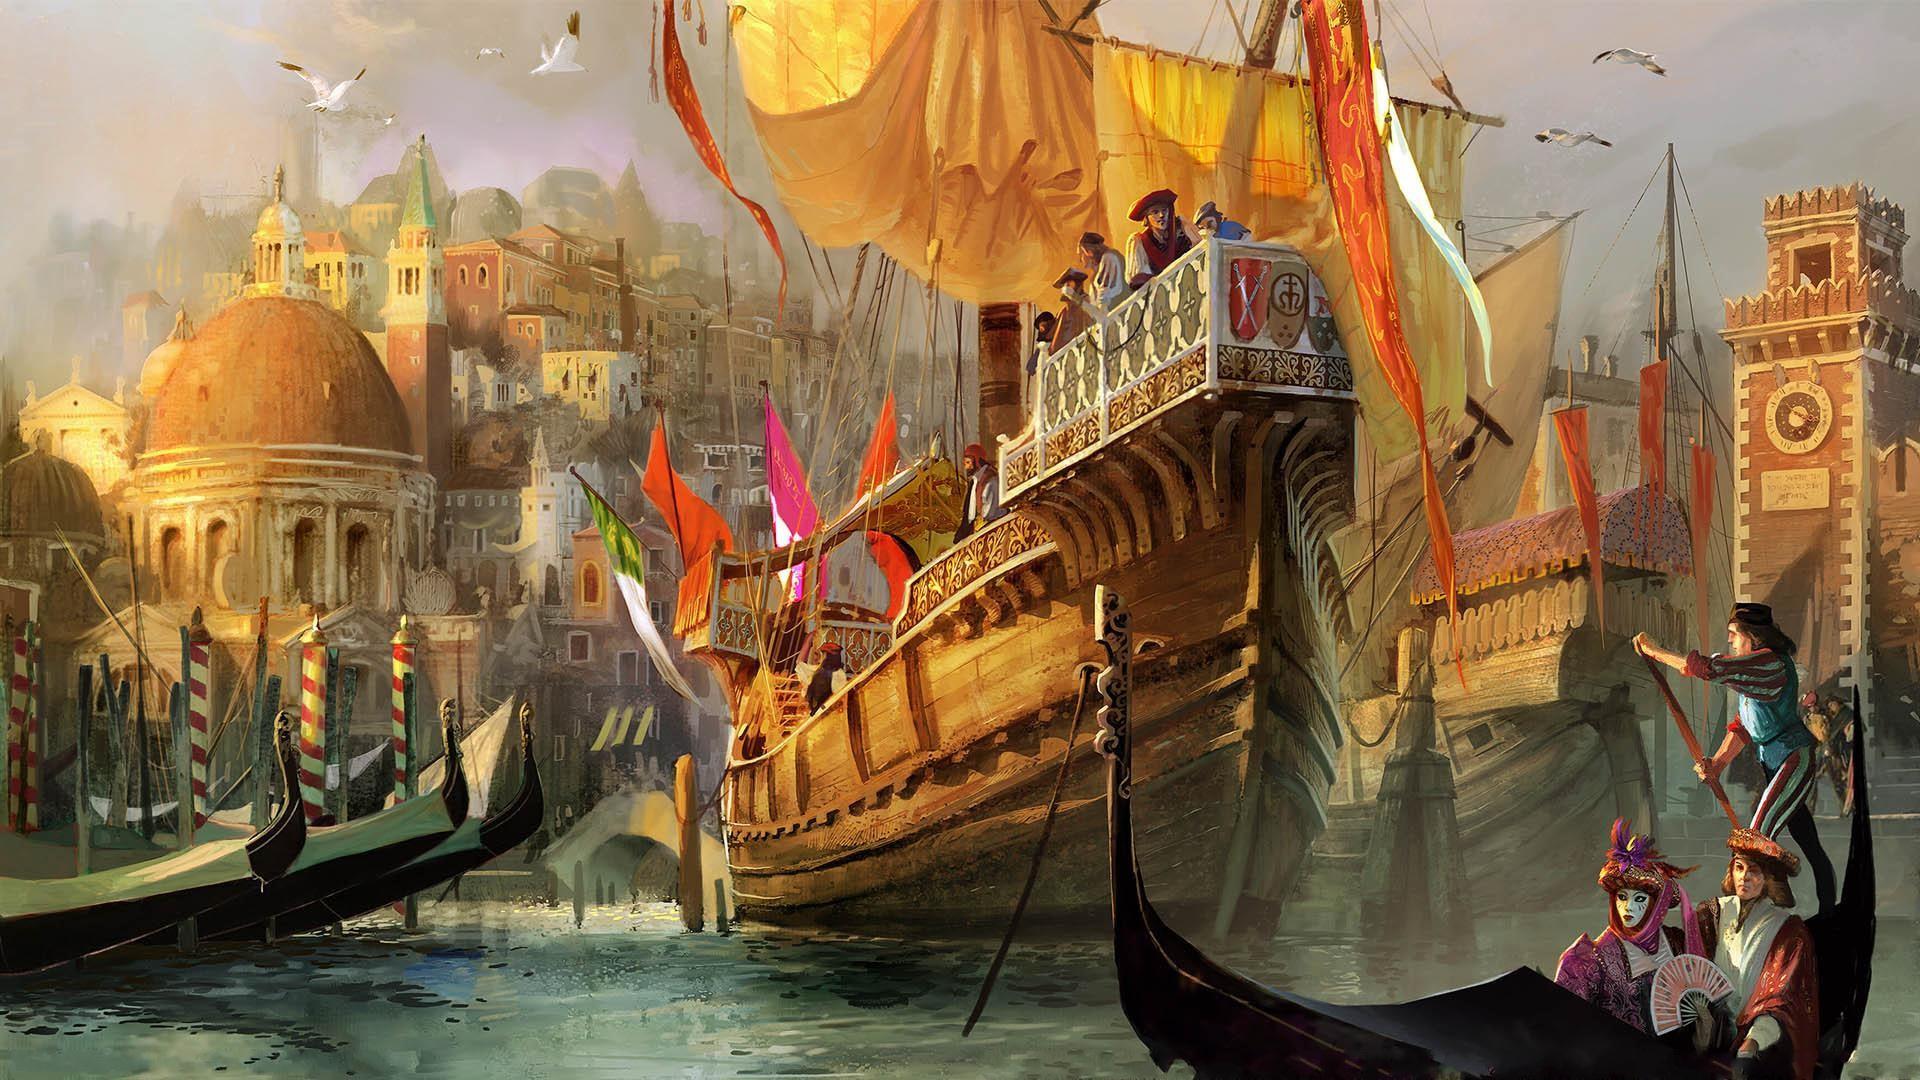 Ships fantasy art artwork medieval wallpaper | 1920x1080 ...